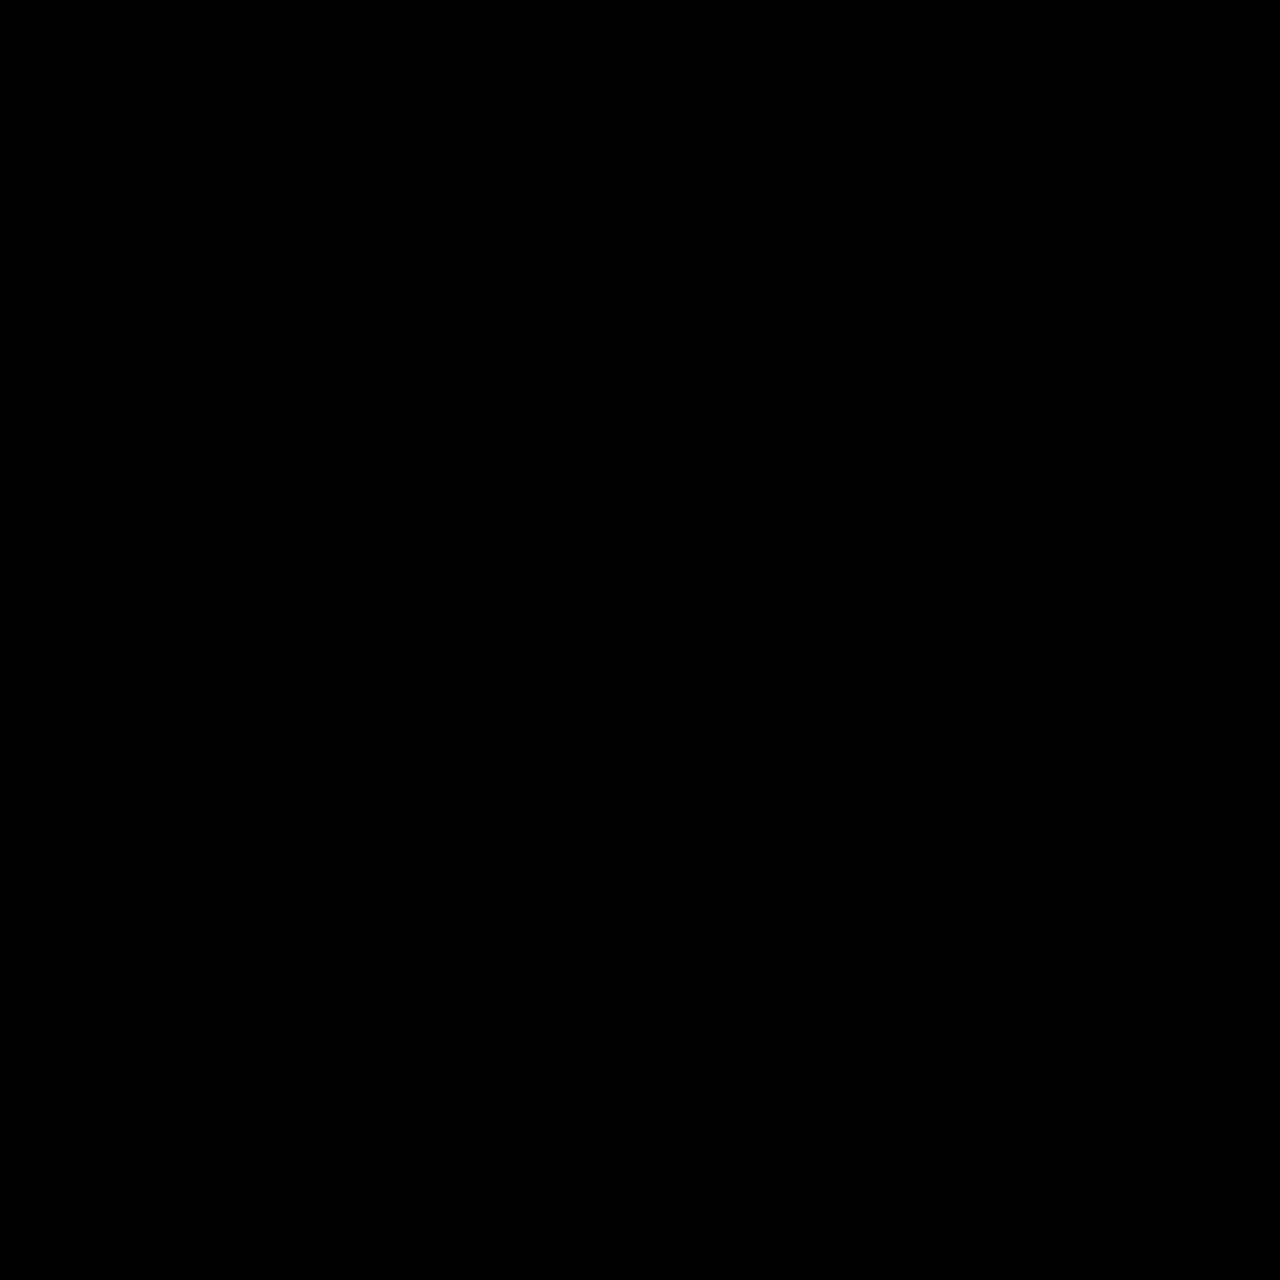 CHU44C (900101)